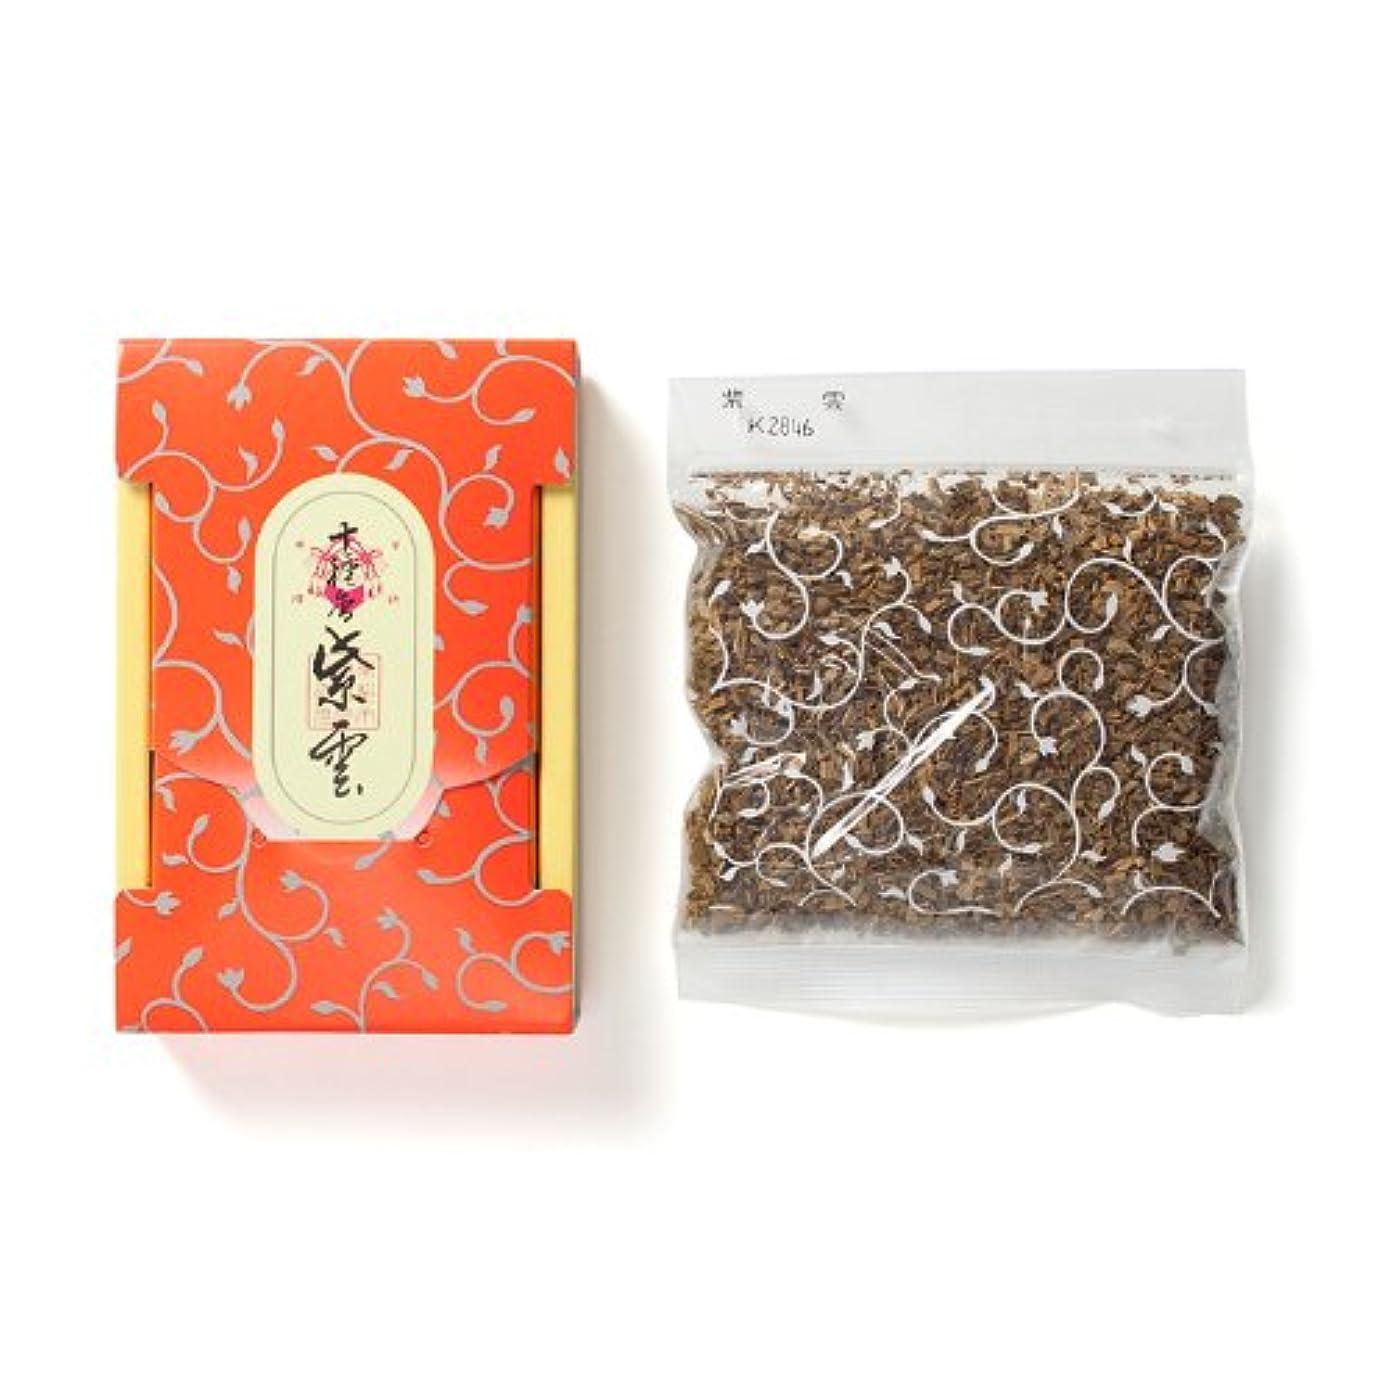 カップ枯れるジャングル松栄堂のお焼香 十種香 紫雲 25g詰 小箱入 #410941